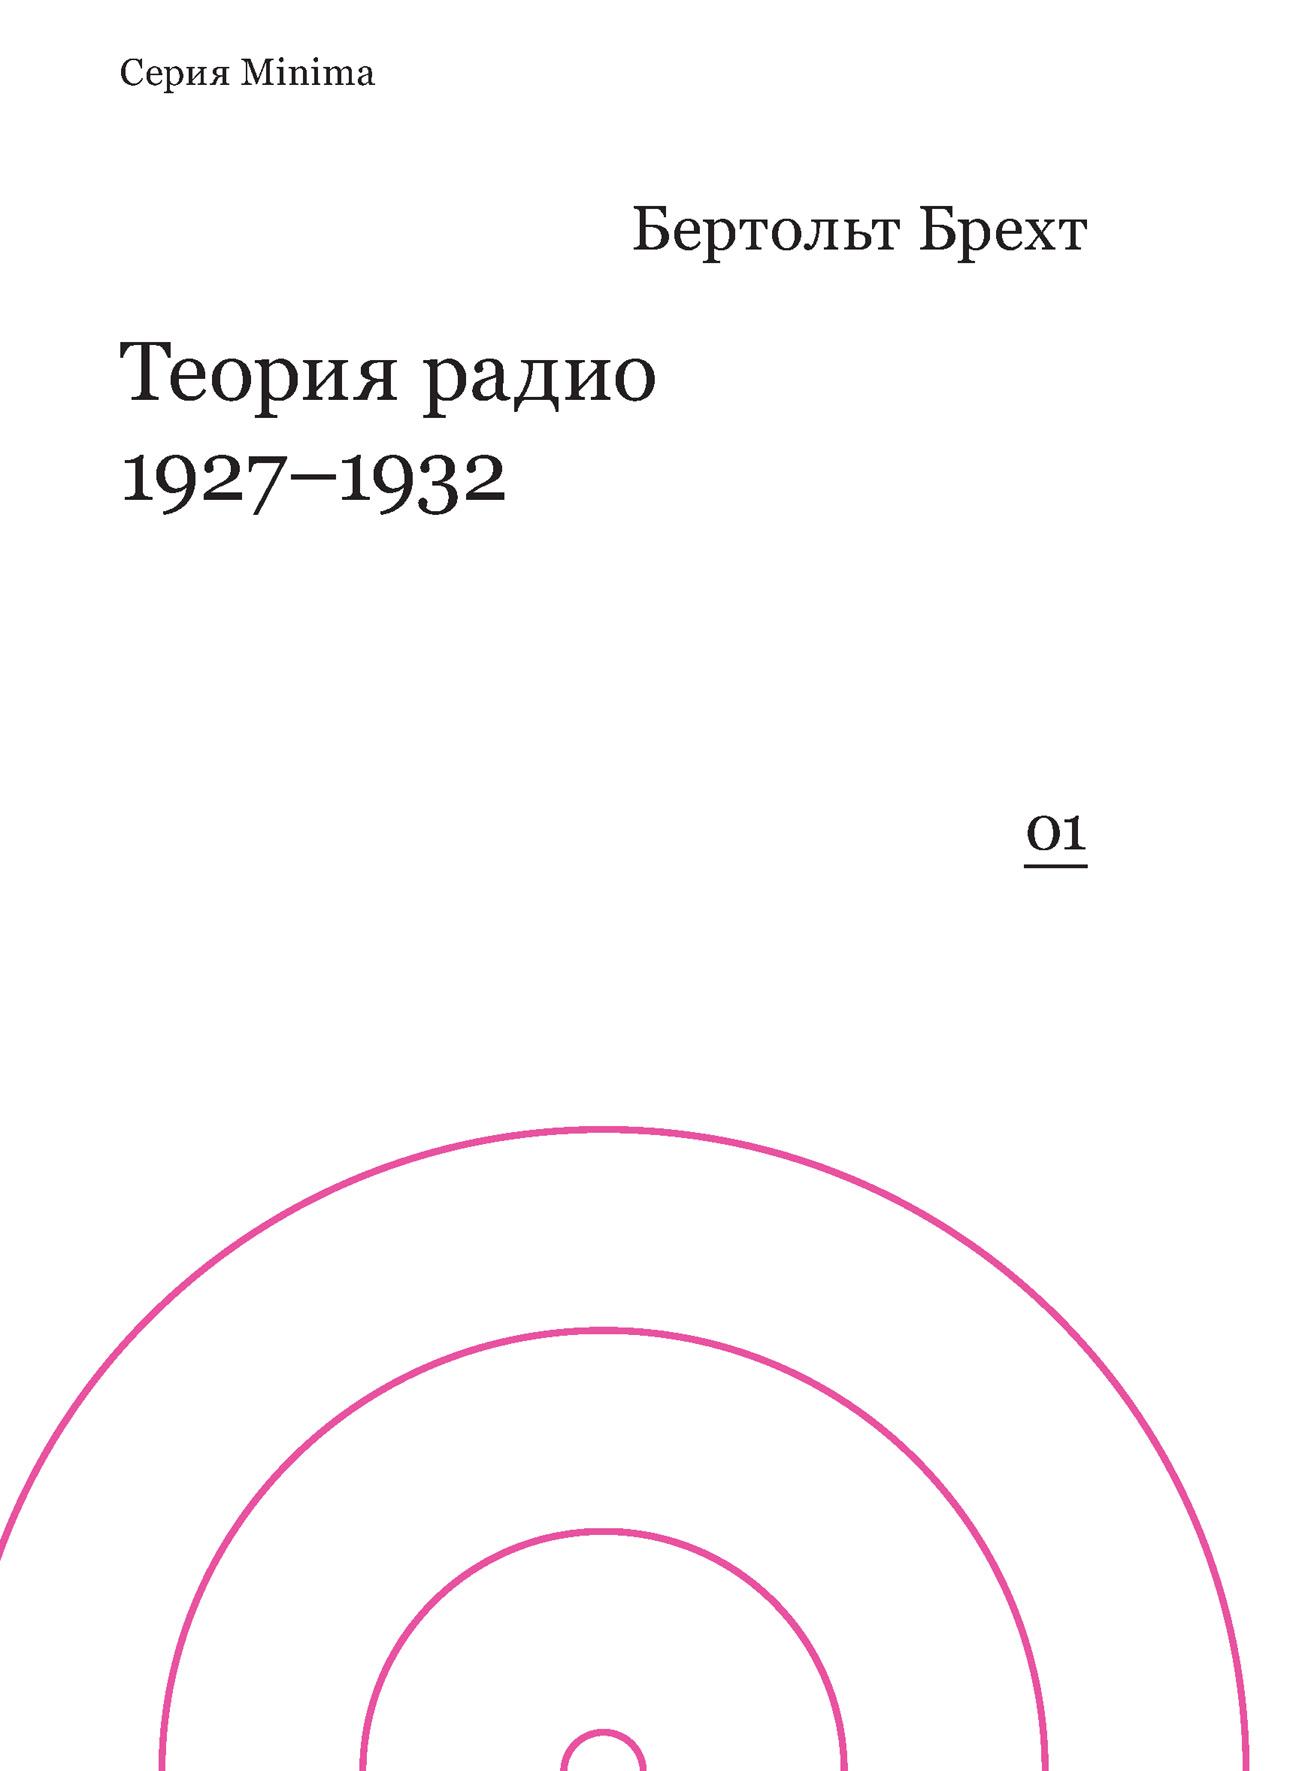 Теория радио. 1927-1932